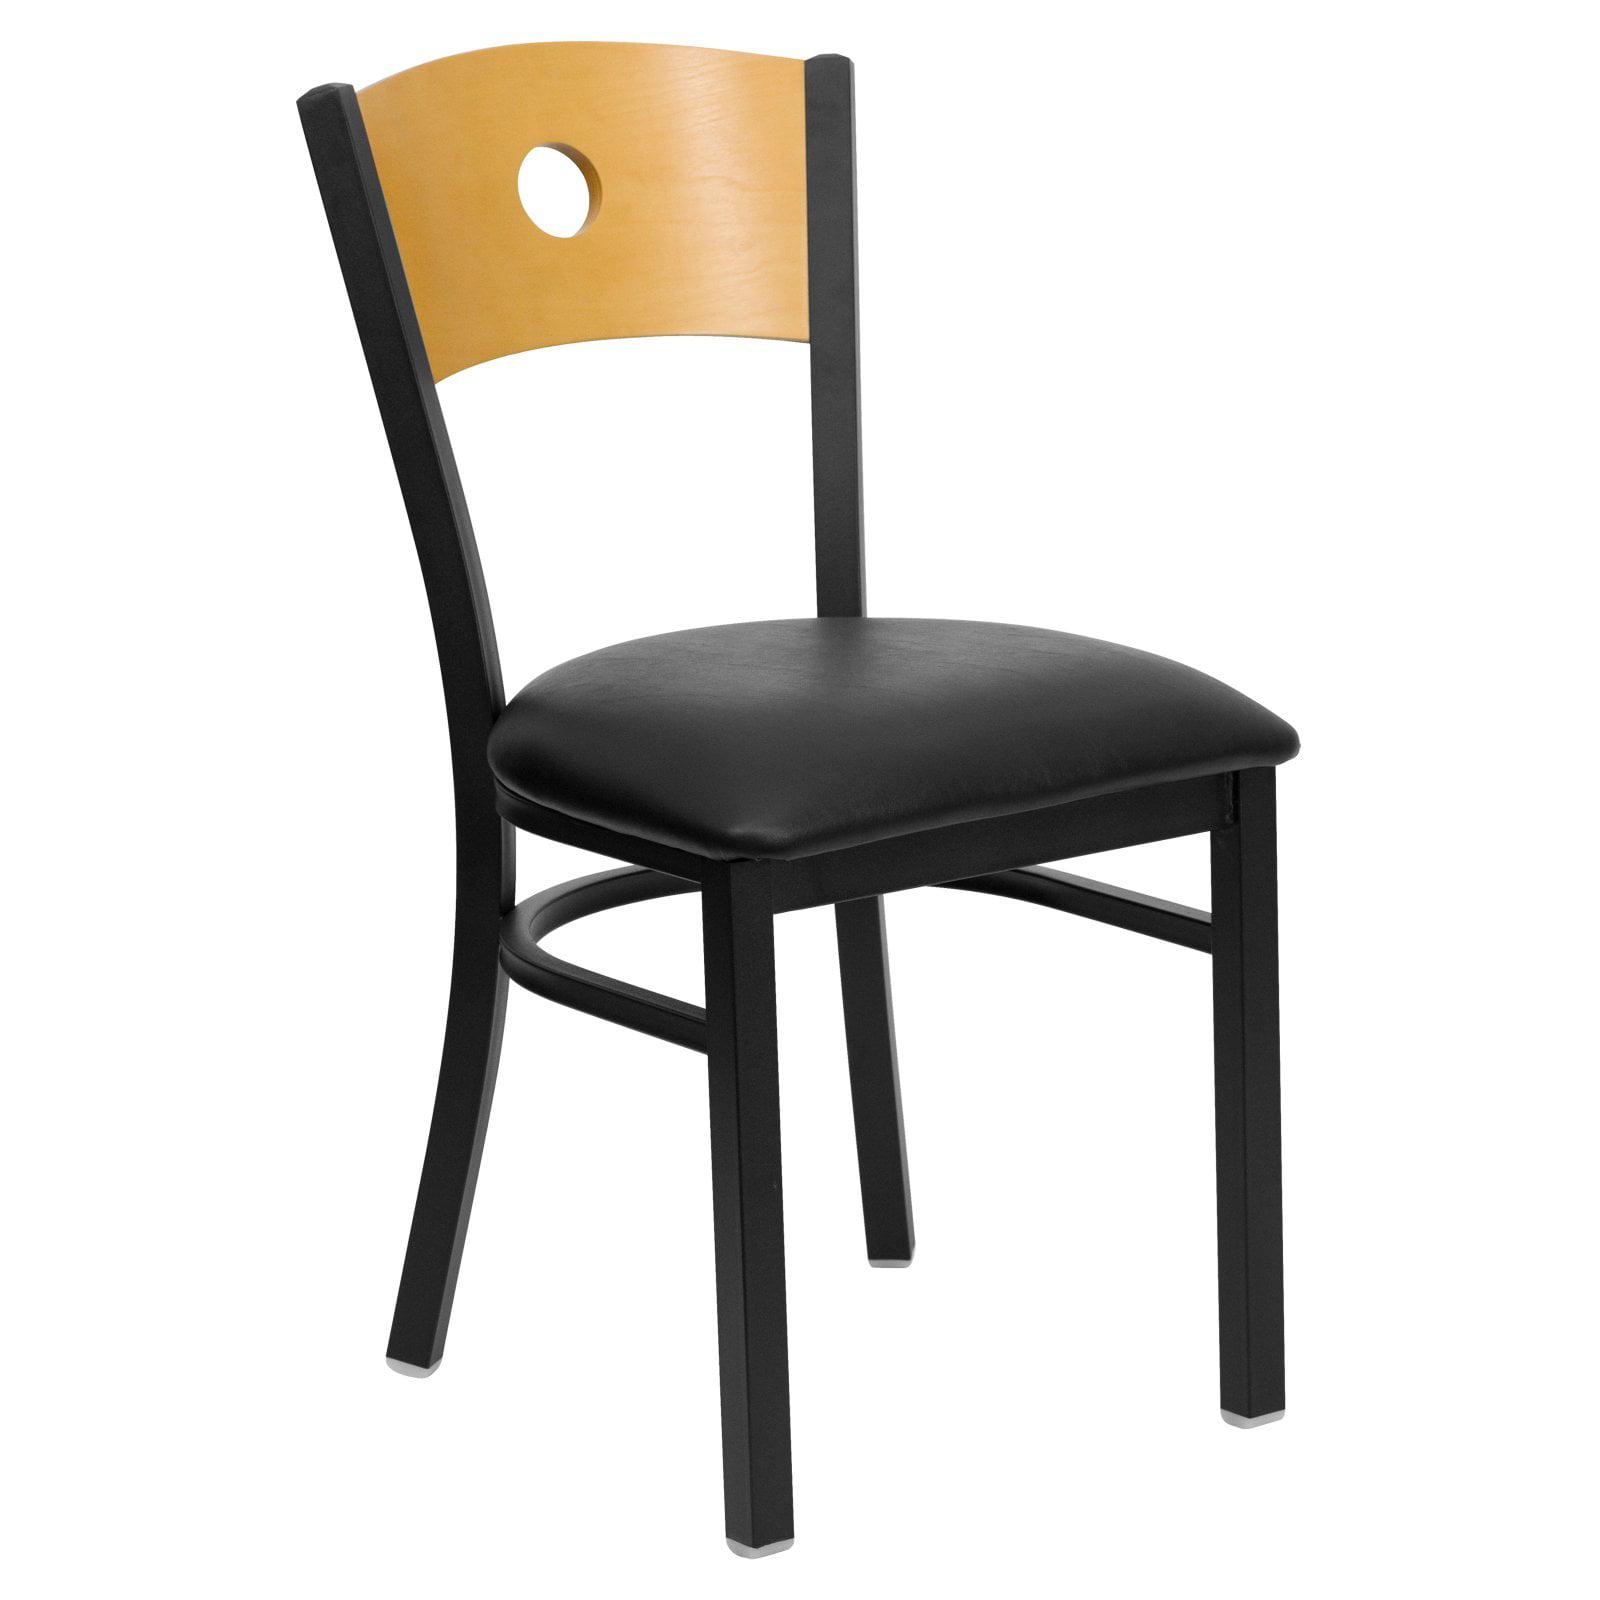 Flash Furniture HERCULES Series Black Circle Back Metal Restaurant Chair, Natural Wood Back, Vinyl Seat, Multiple Colors